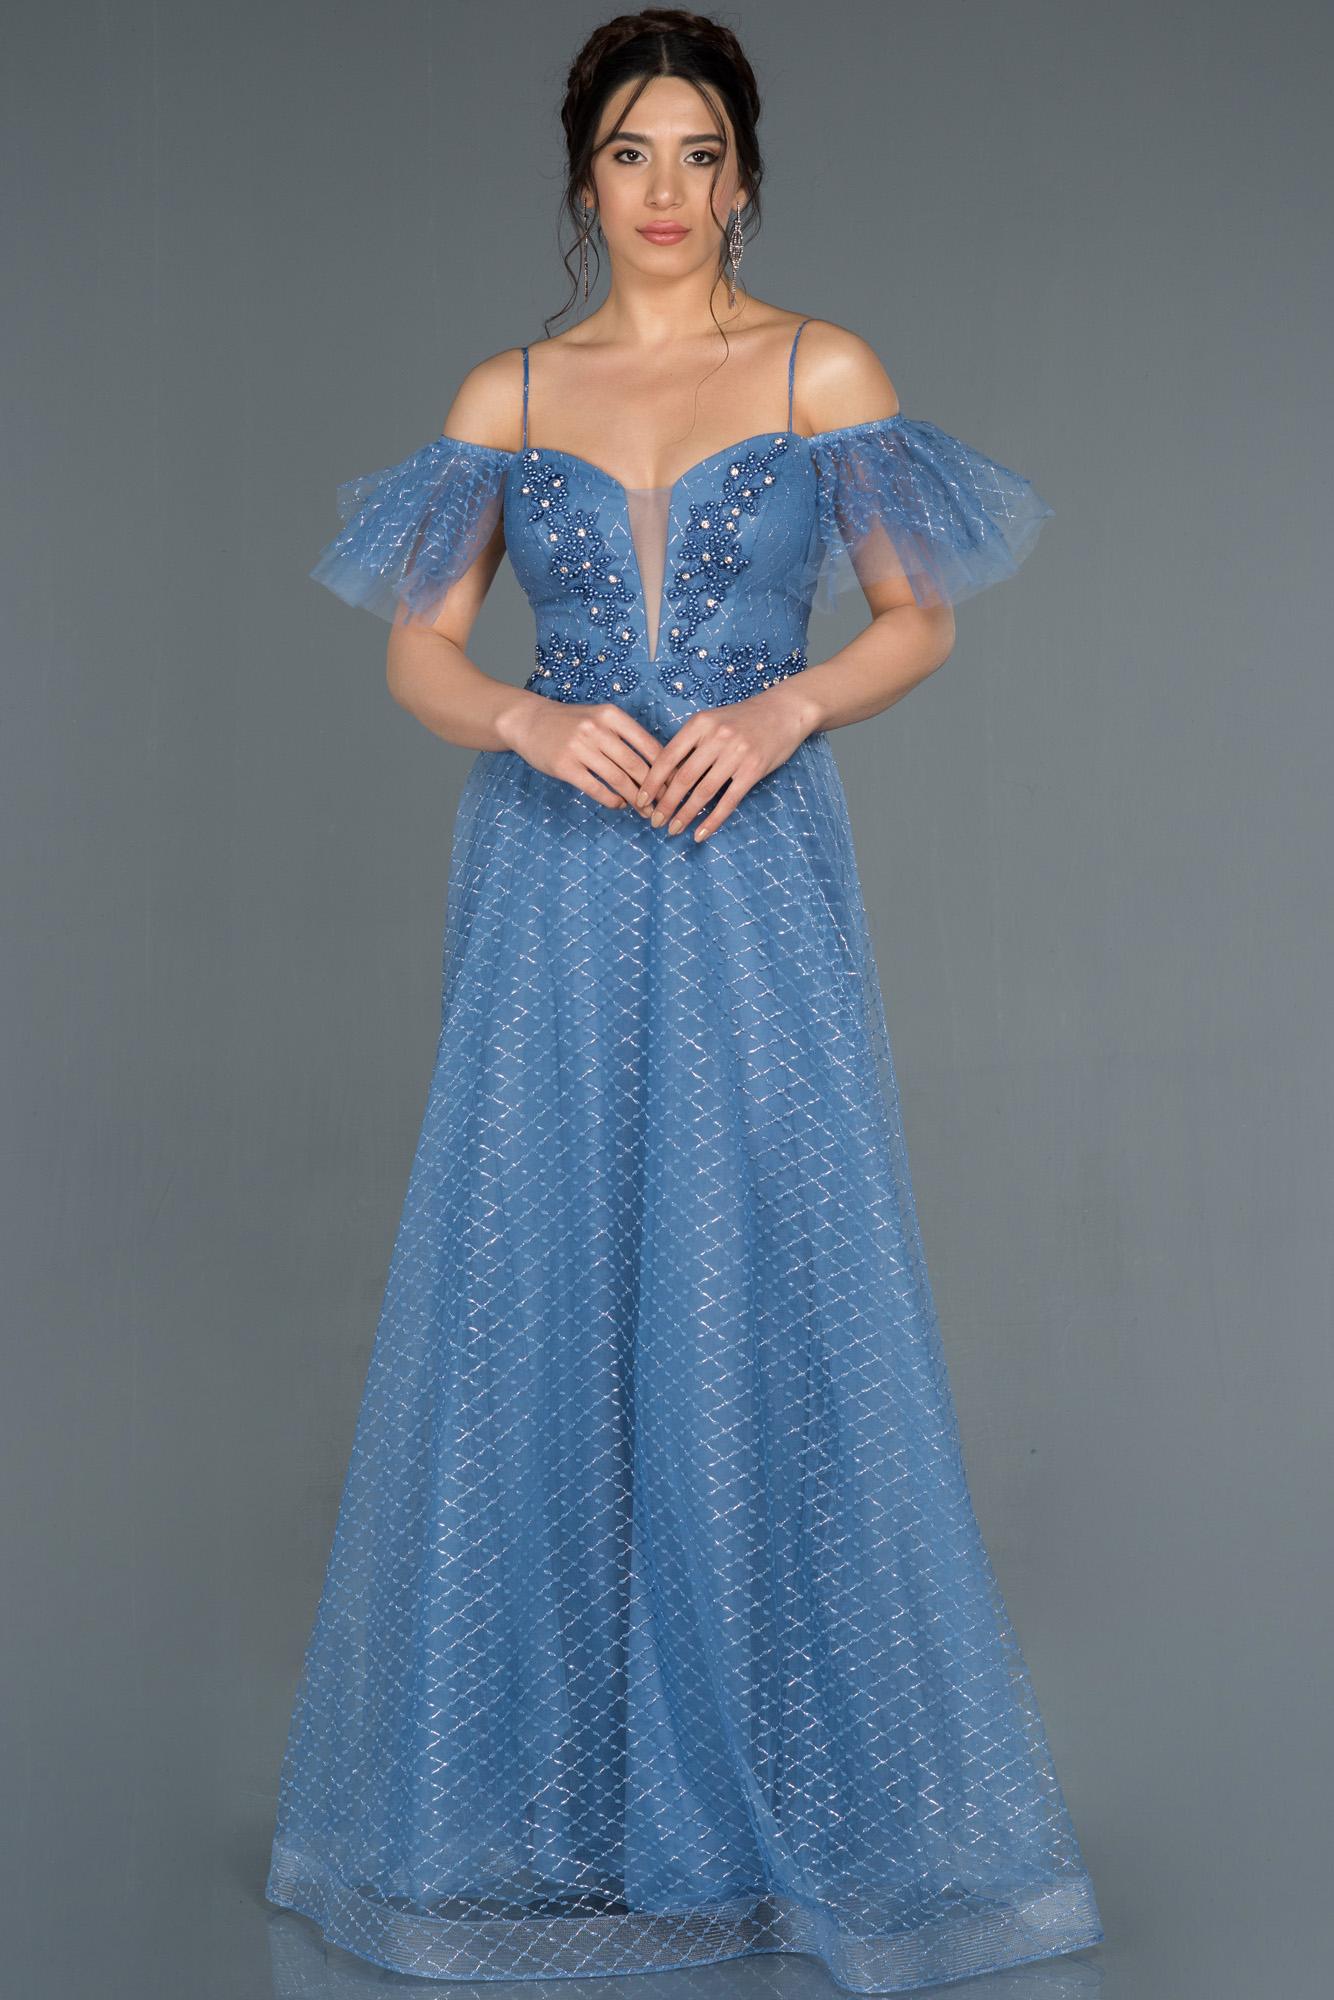 Indigo Kol Detaylı Simli Tül Abiye Elbise